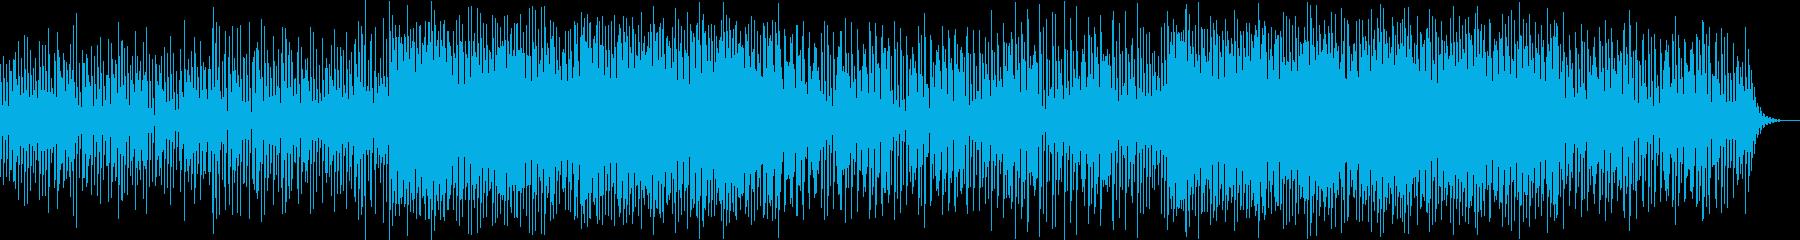 企業VP系123、爽やか4つ打ちハウスaの再生済みの波形